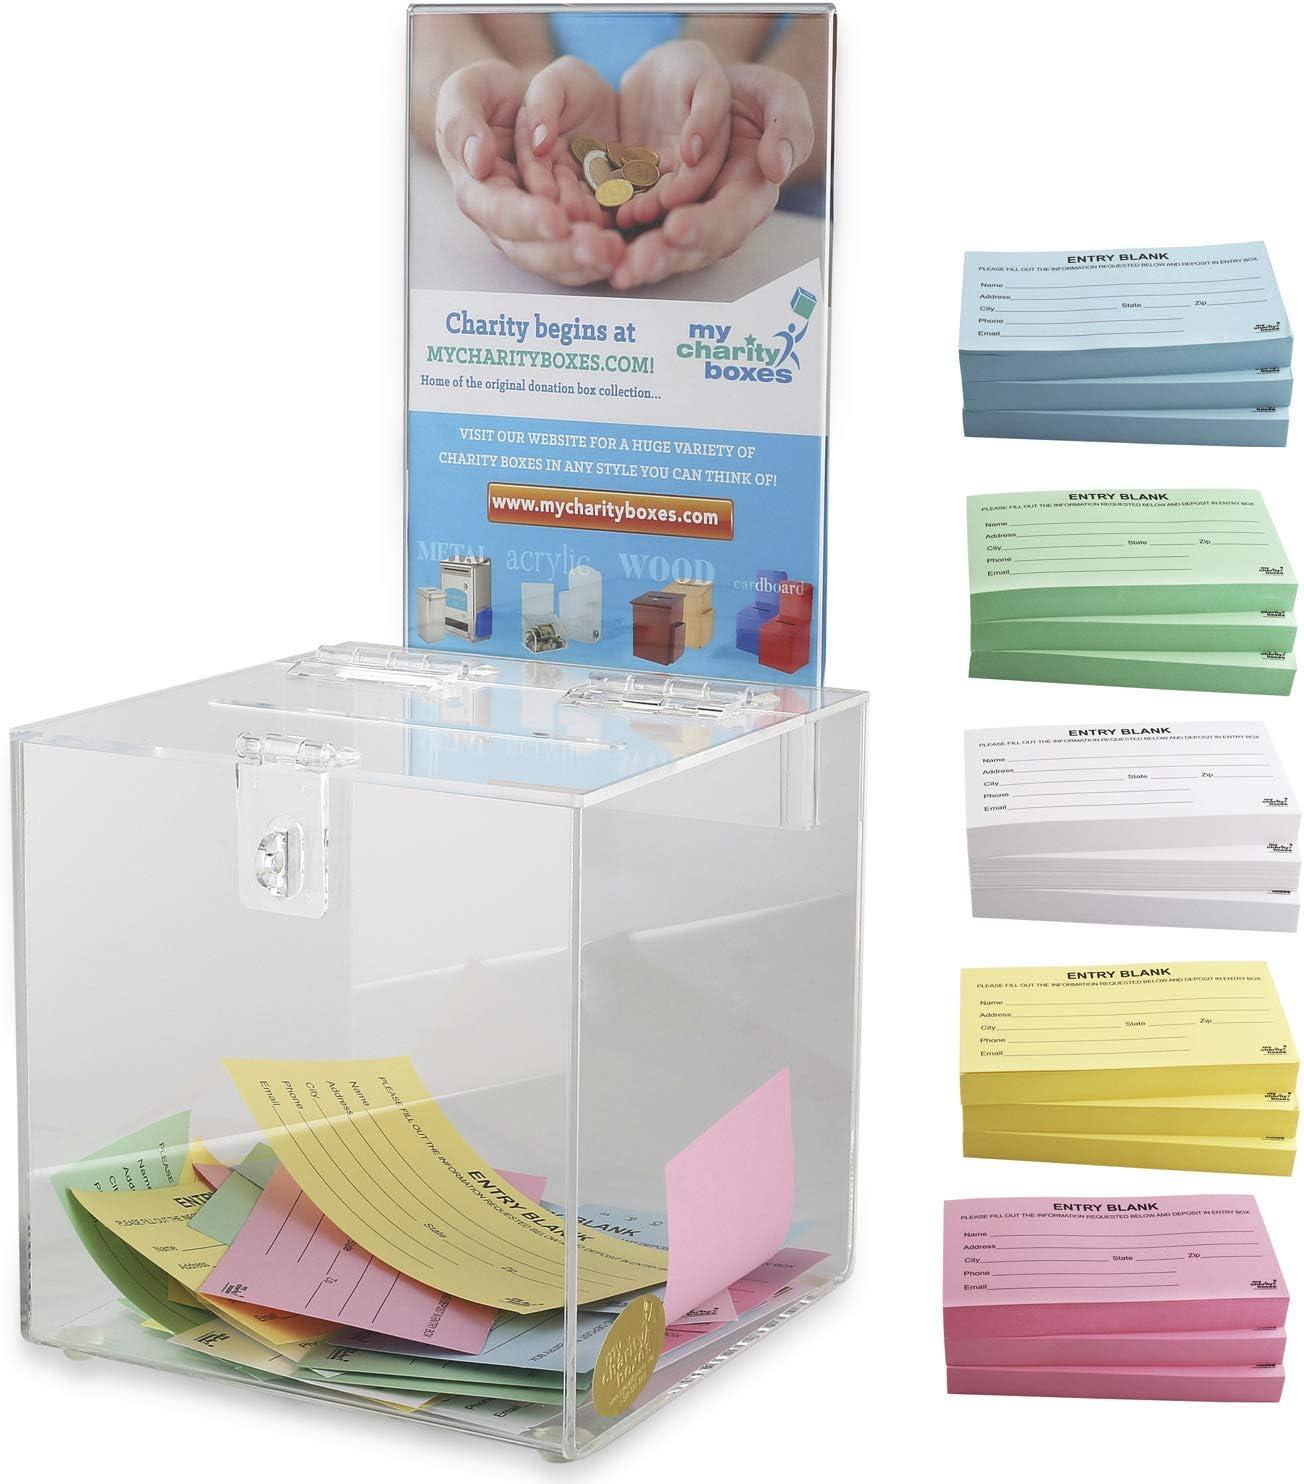 Vorschlagsbox Reklamationsbox mit Schlitz Kunststoff Comment Box durchsichtig, 20,3 x 20,3 cm Acryl Raffle Box mit Schloss und Schildhalter Plexiglas Sammelbox Spende und Wahlurne